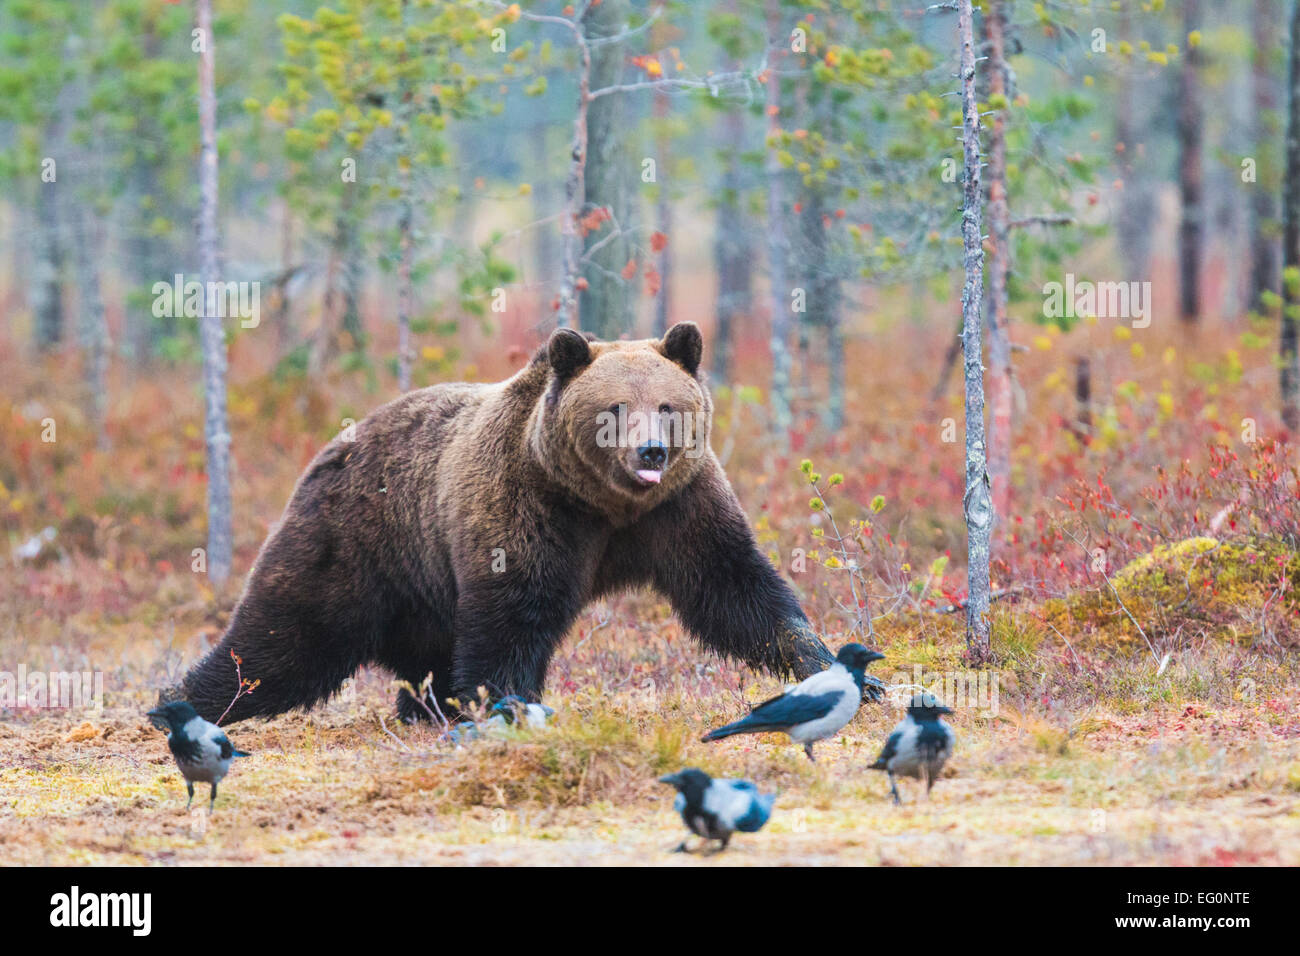 Brauner Bär, Ursus Arctos, walking in rot im Herbst farbige Büsche und fünf Krähen sind auf Stockbild